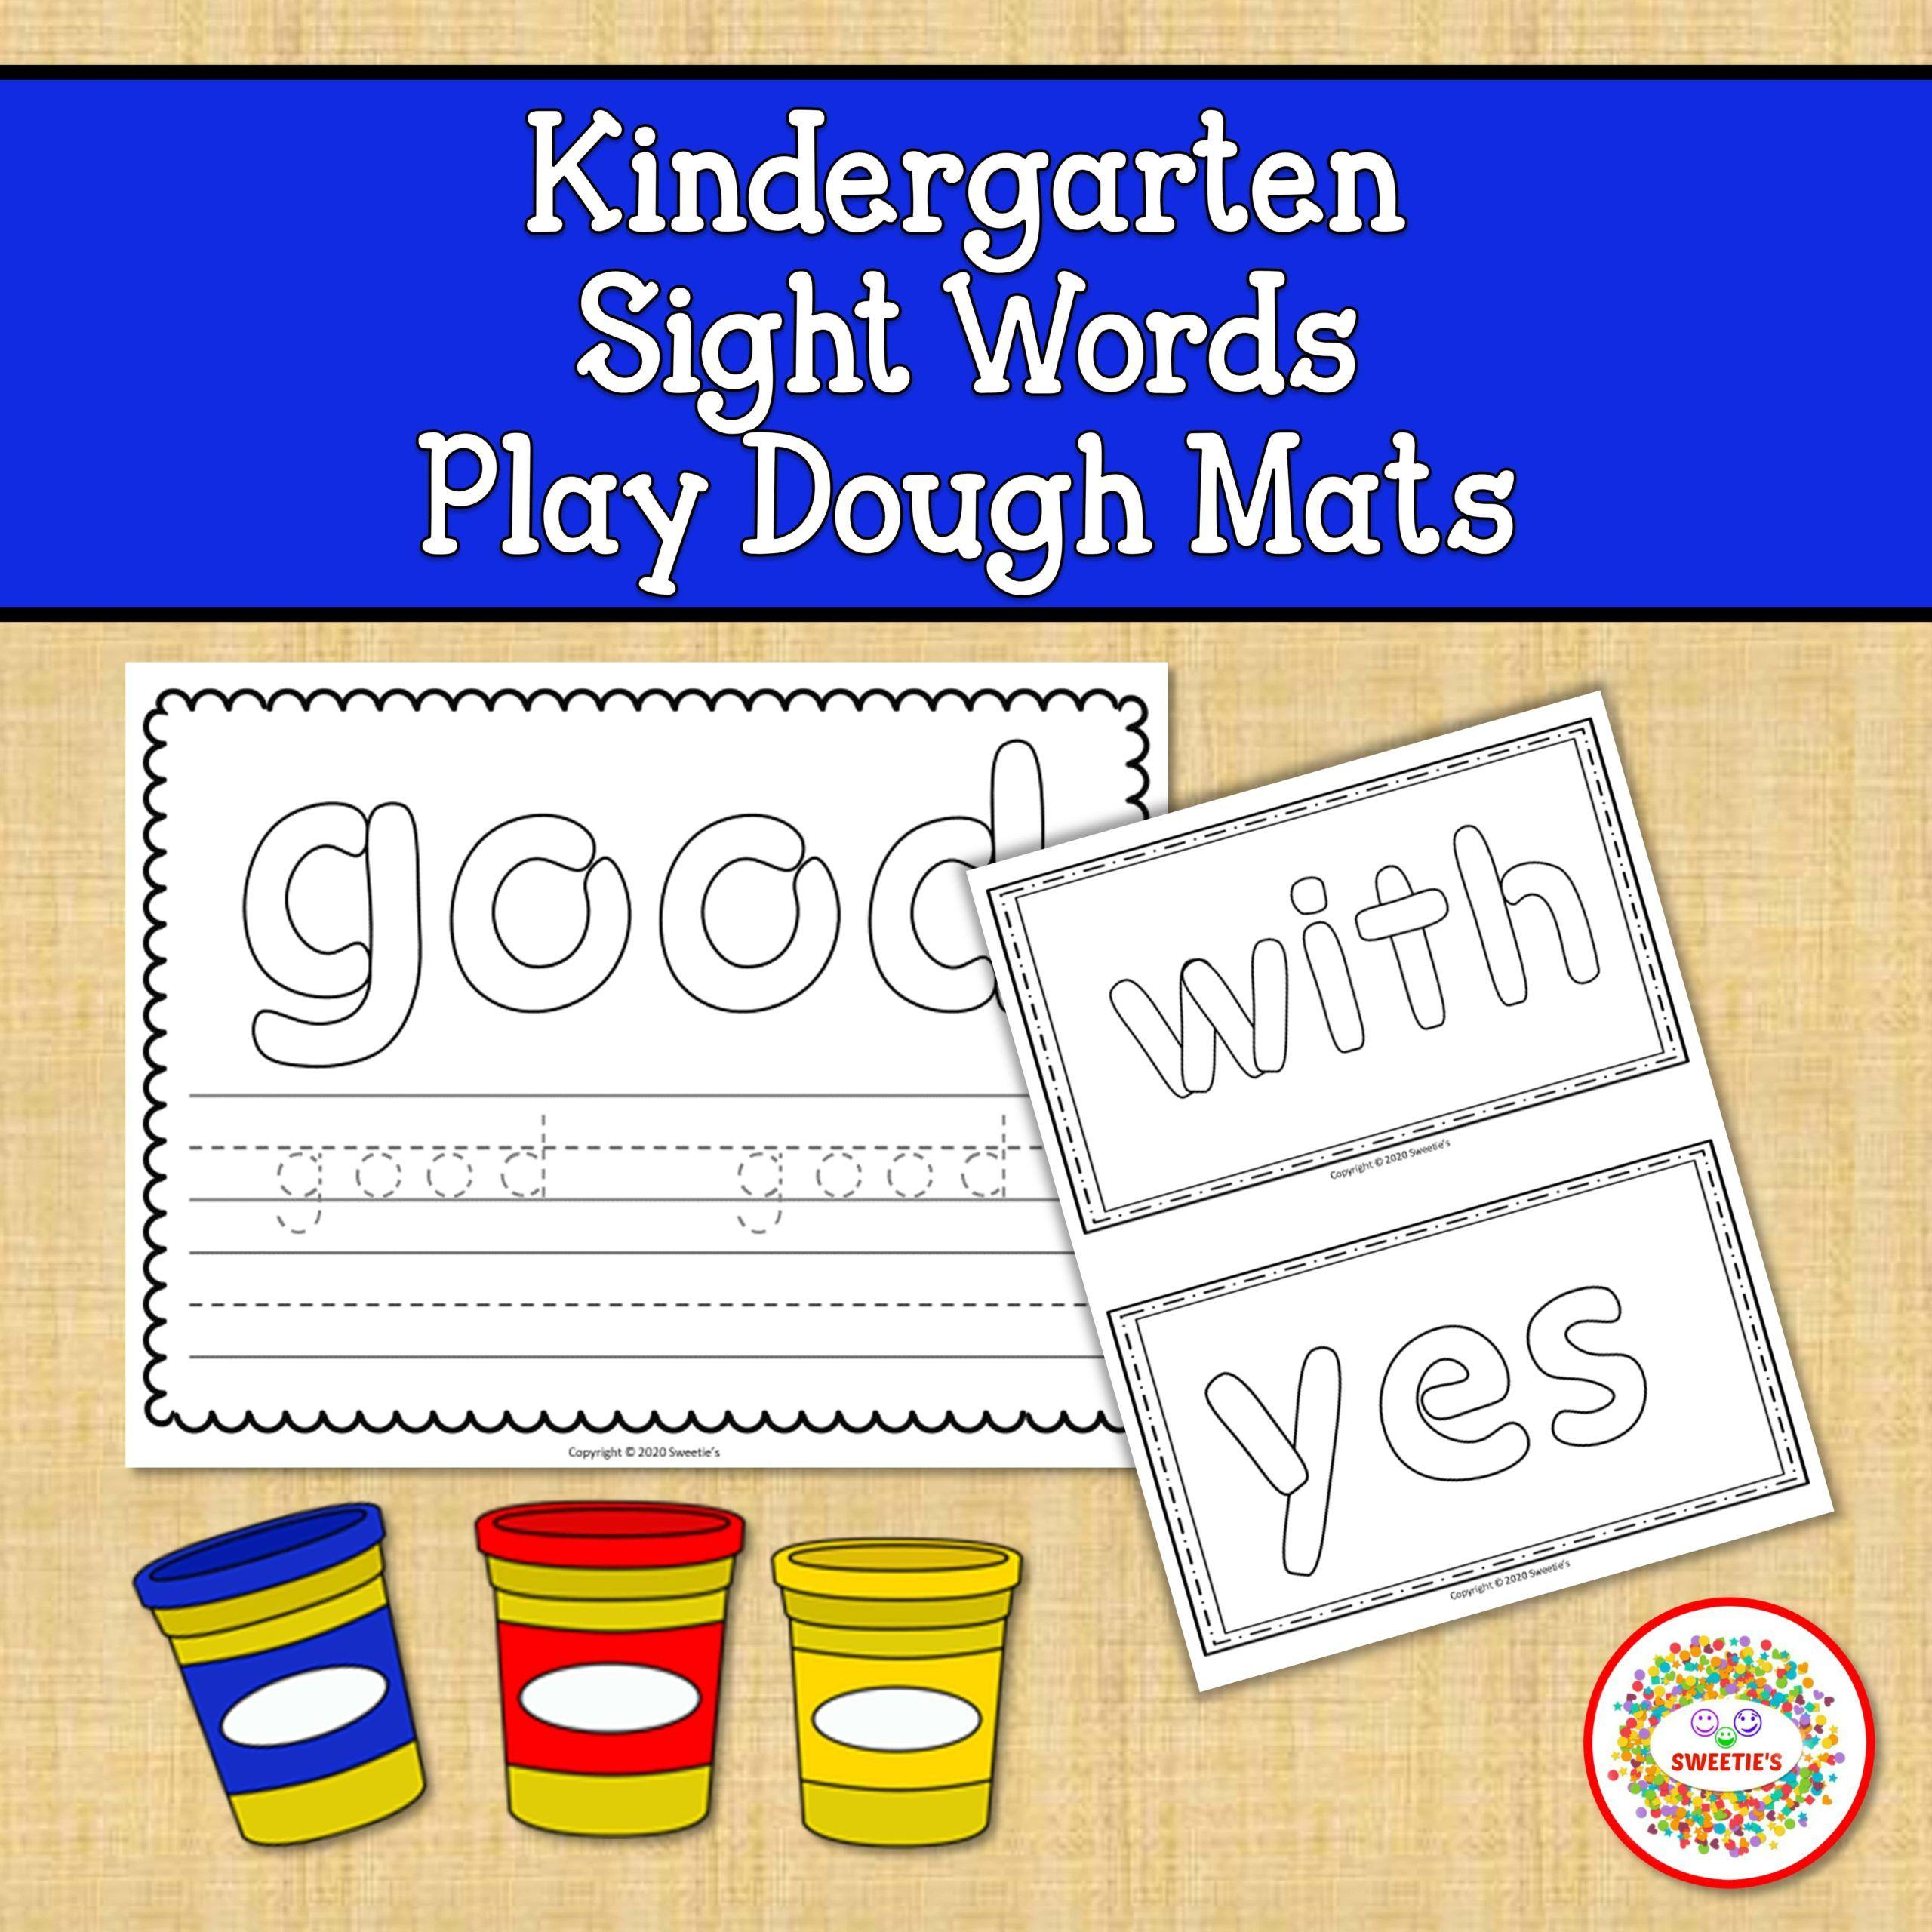 Playdough Sight Word Mats Kindergarten Made By Teachers Sight Words Kindergarten Playdough Sight Words Sight Words [ 2560 x 2560 Pixel ]